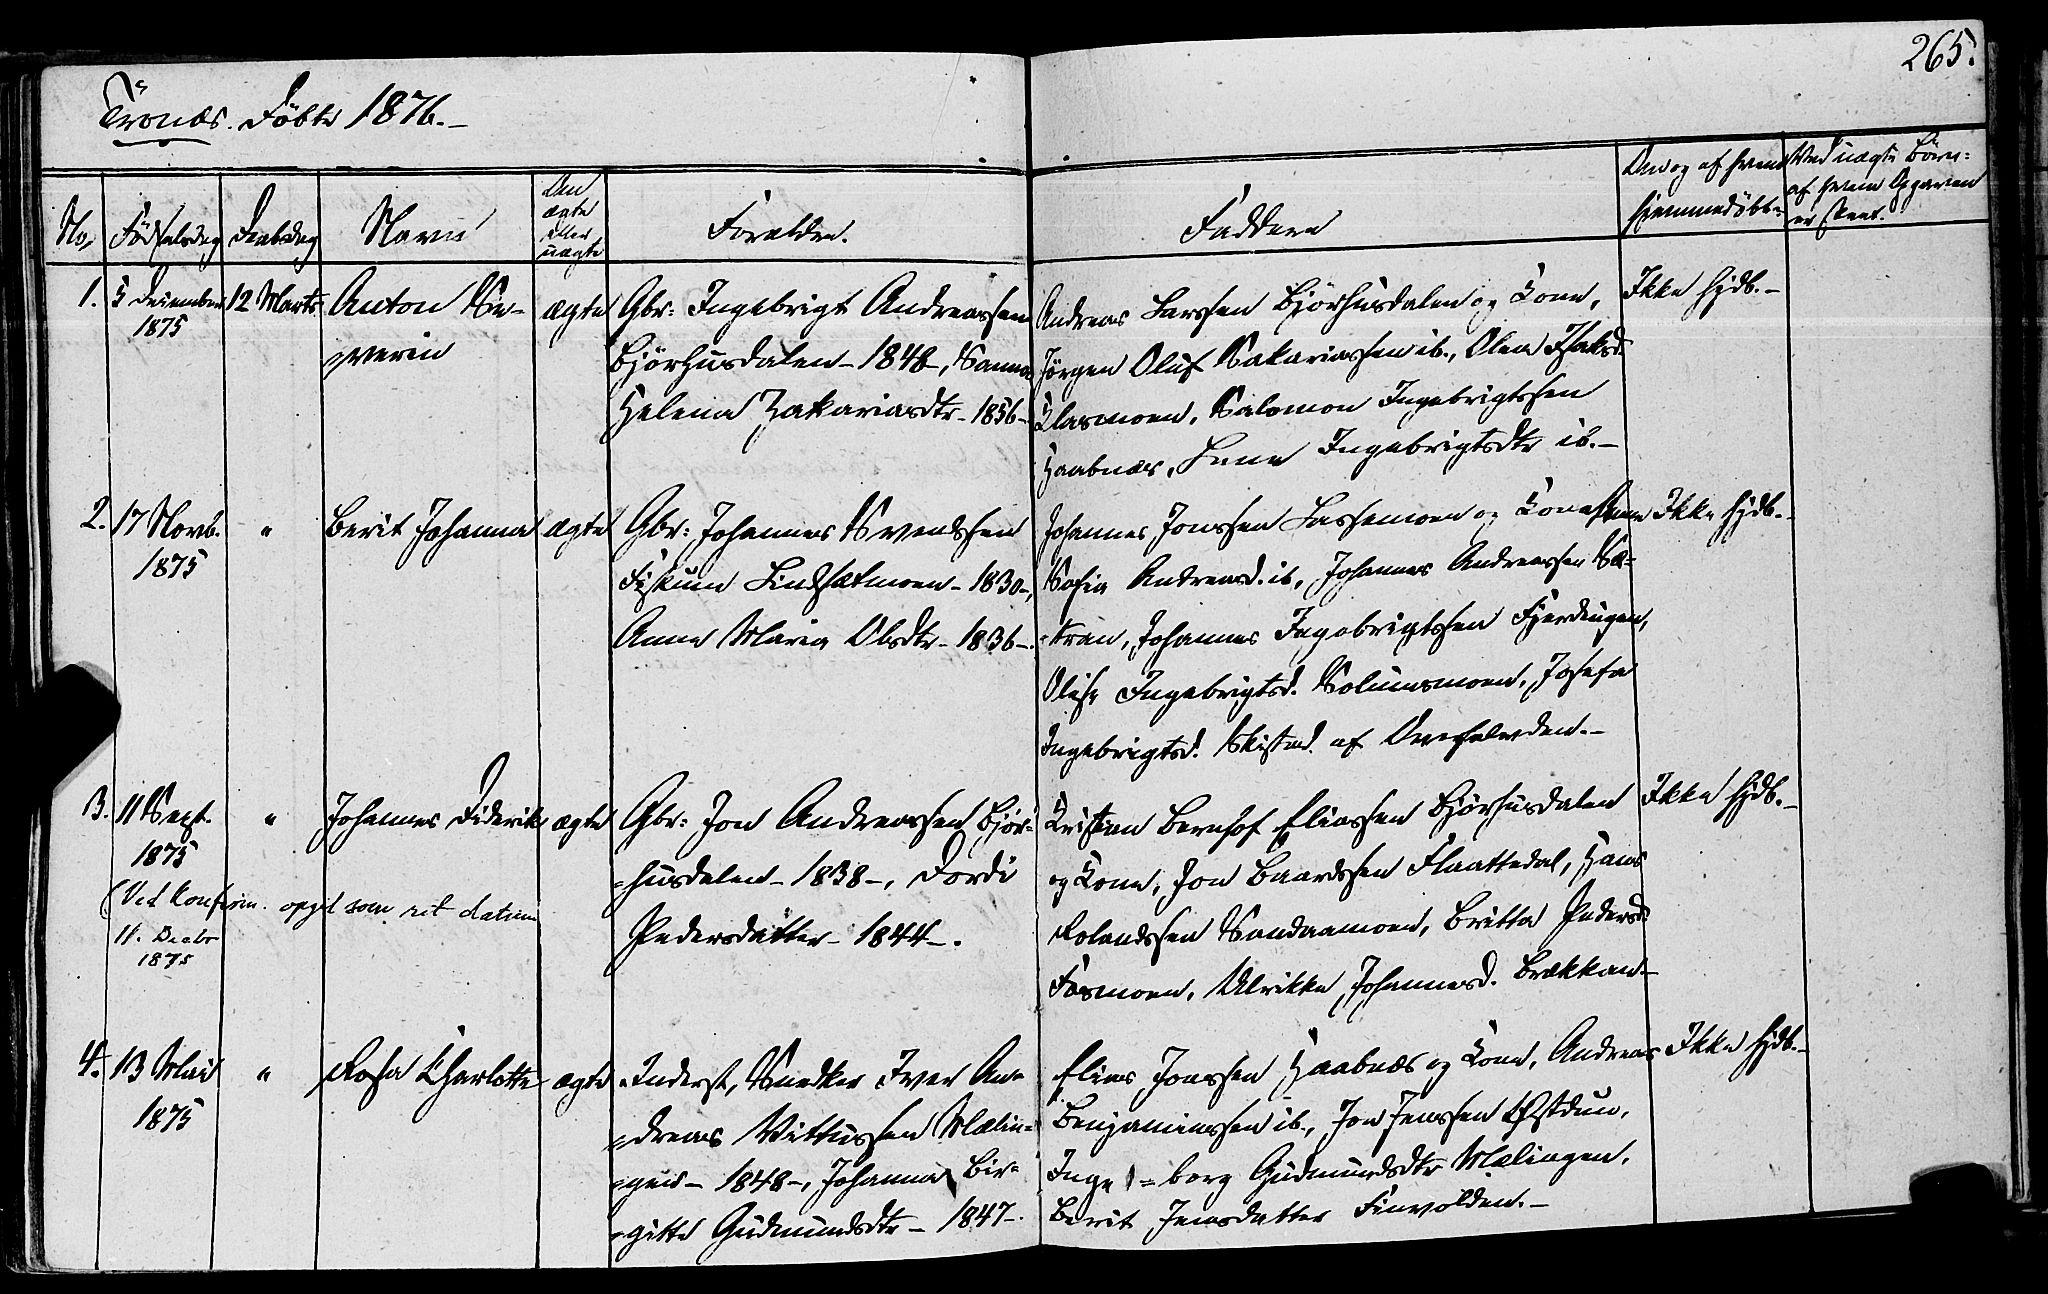 SAT, Ministerialprotokoller, klokkerbøker og fødselsregistre - Nord-Trøndelag, 762/L0538: Ministerialbok nr. 762A02 /2, 1833-1879, s. 265